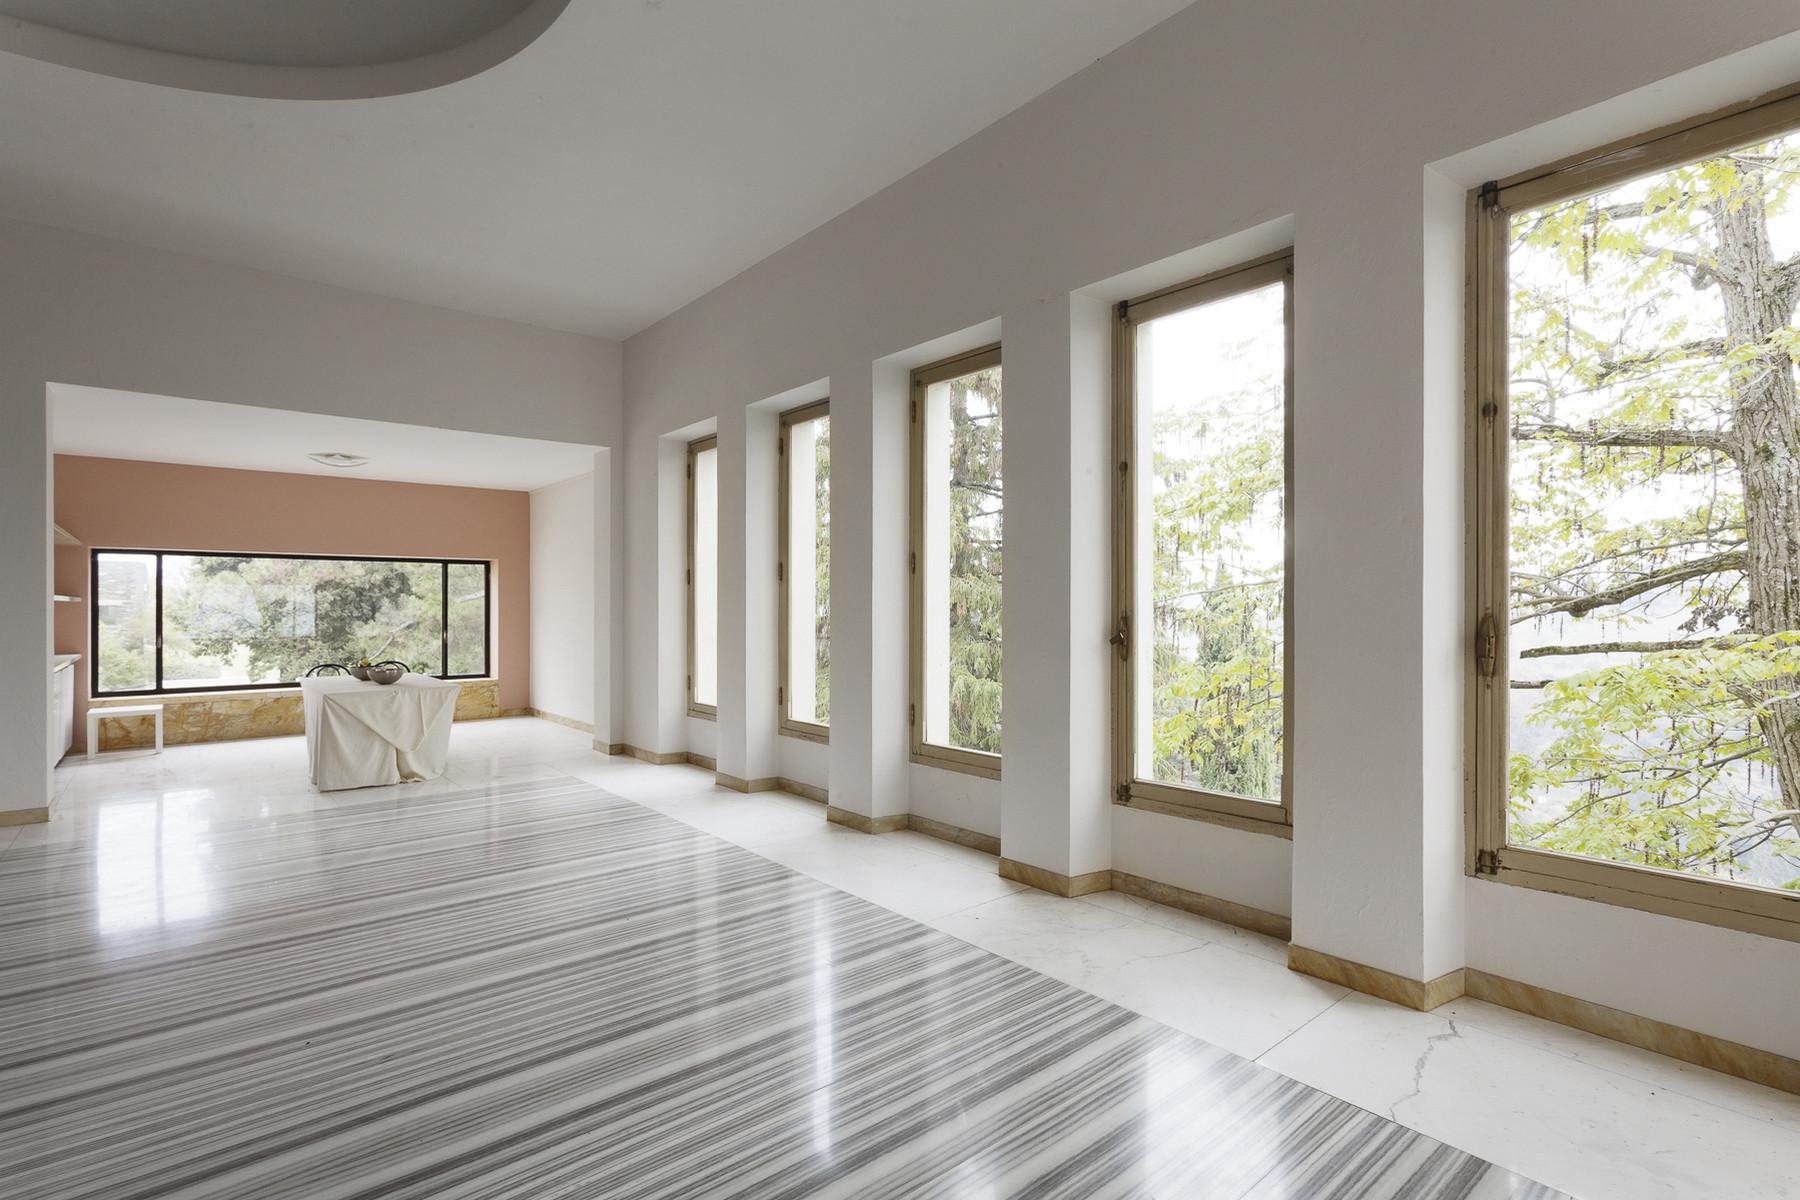 Villa in Vendita a Acqui Terme: 5 locali, 5200 mq - Foto 7